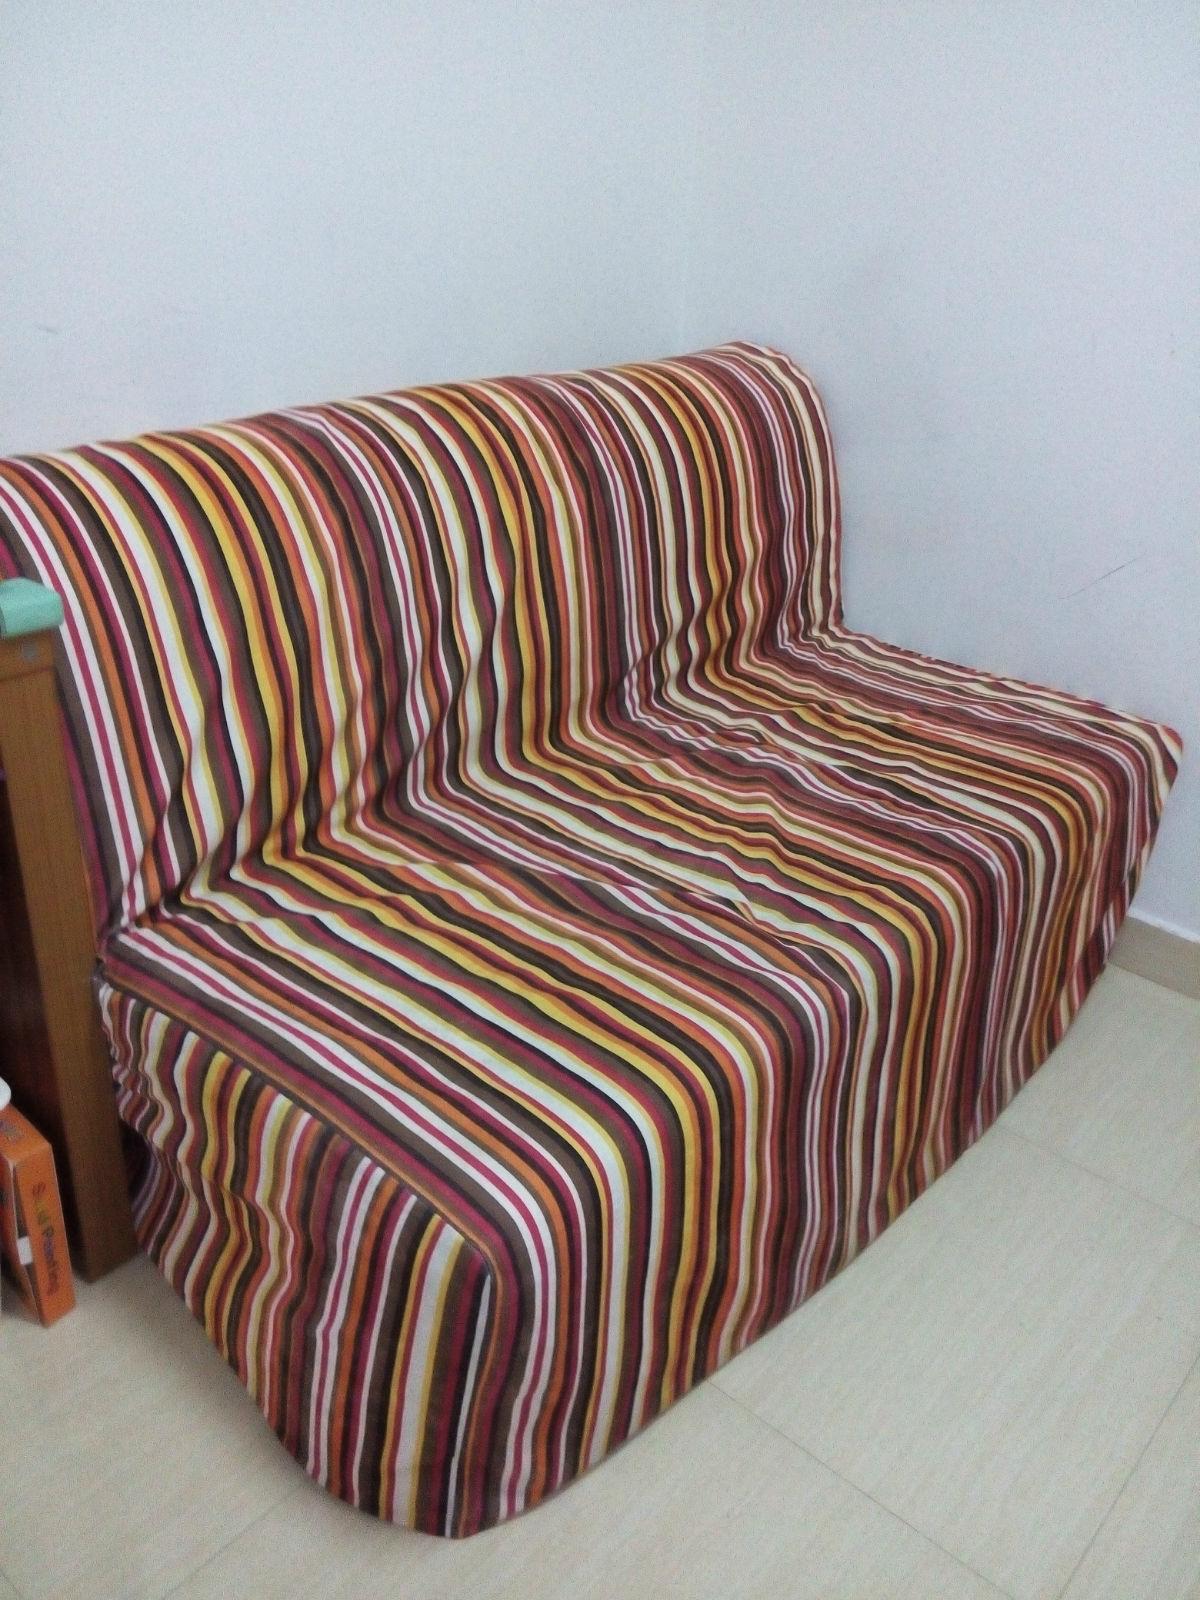 交易类型:转让 物品来源:个人 交易区域:罗湖区 东门南湖 富苑酒店 转让价格:750 新旧程度:八成新 交易方式:换米换物都行 取货方式:买家自提 约地交货 联系电话:15019250451 宜家双人折叠沙发床 (长2米 宽1.4米,宜家原价1799,带1个白色沙发罩)。最外面的是自己做的条纹沙发套(当时做这个套子就花了300大洋。。。)   垫子  床骨架  打开后的样子 借用宜家的图片。